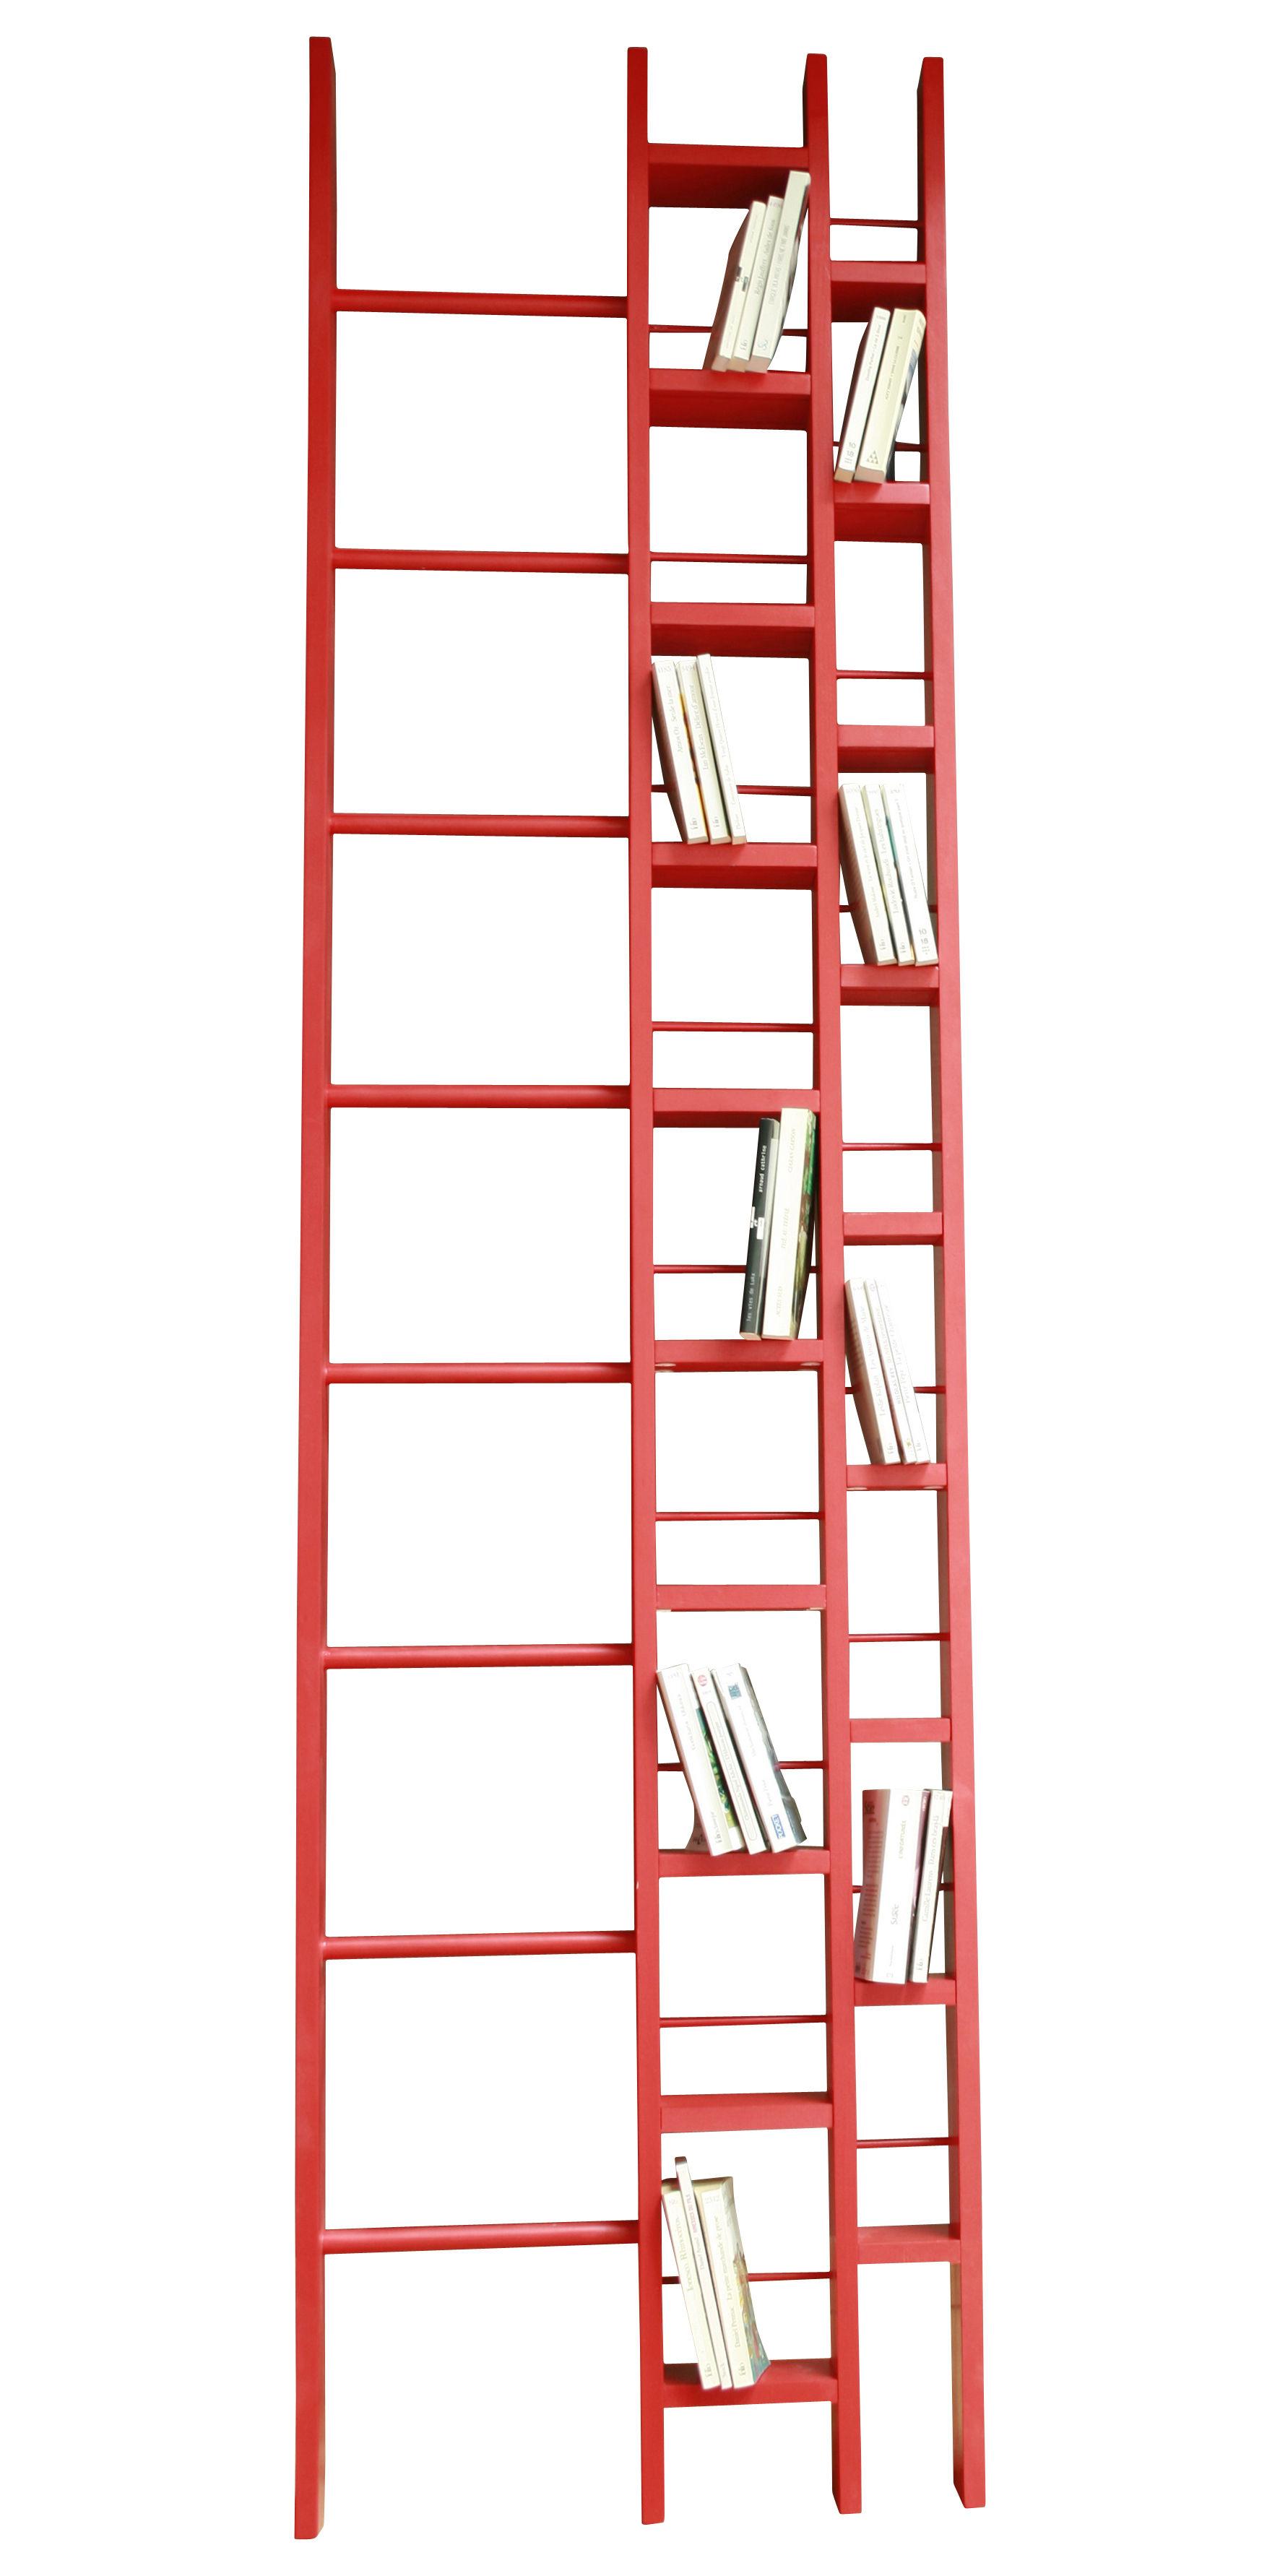 Arredamento - Scaffali e librerie - Libreria Hô - Larghezza 64 cm di La Corbeille - Rosso - Faggio massello laccato